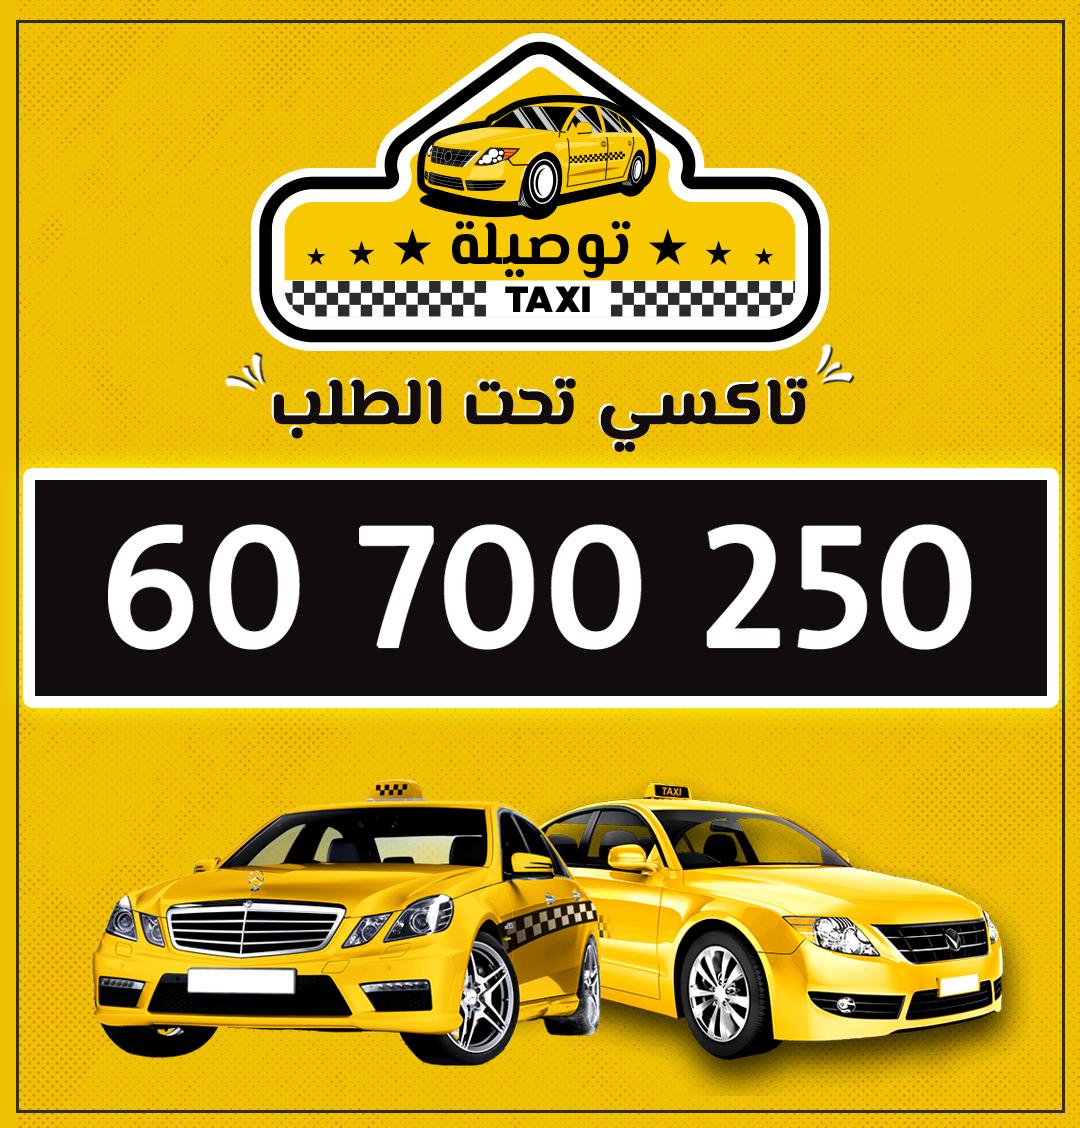 تاكسي توصيلة في شارع يوسف الرومي